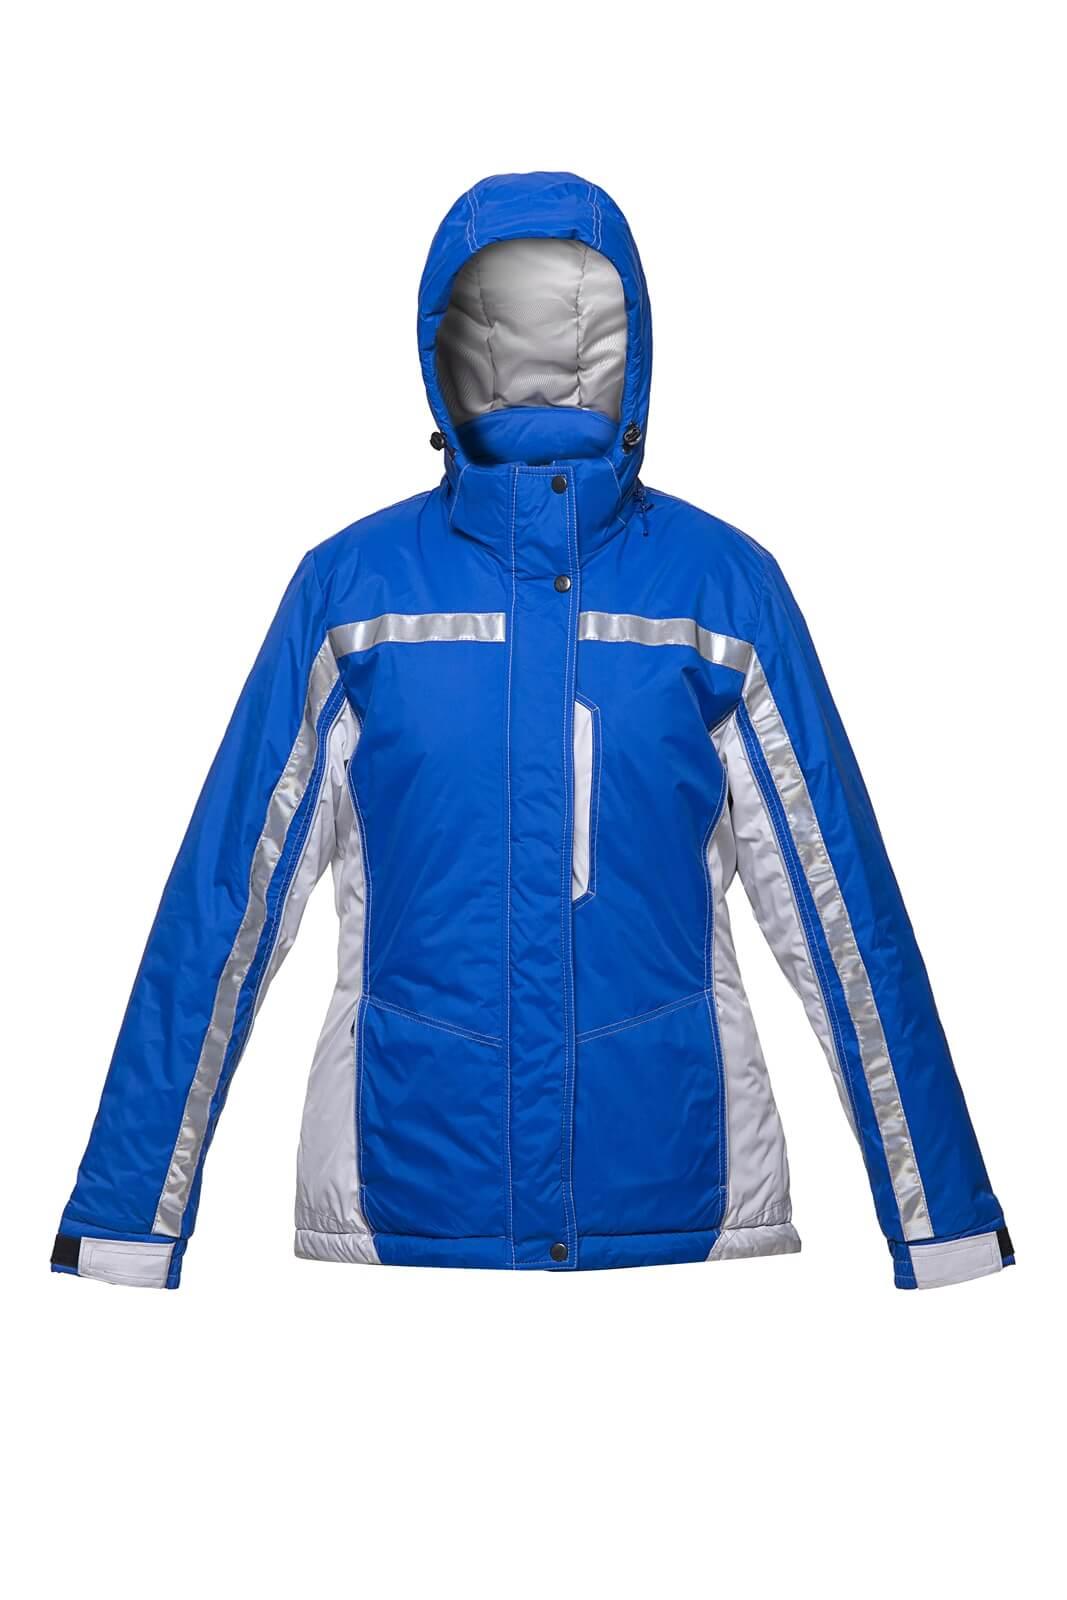 Куртка женская зимняя рабочая - VT STYLE